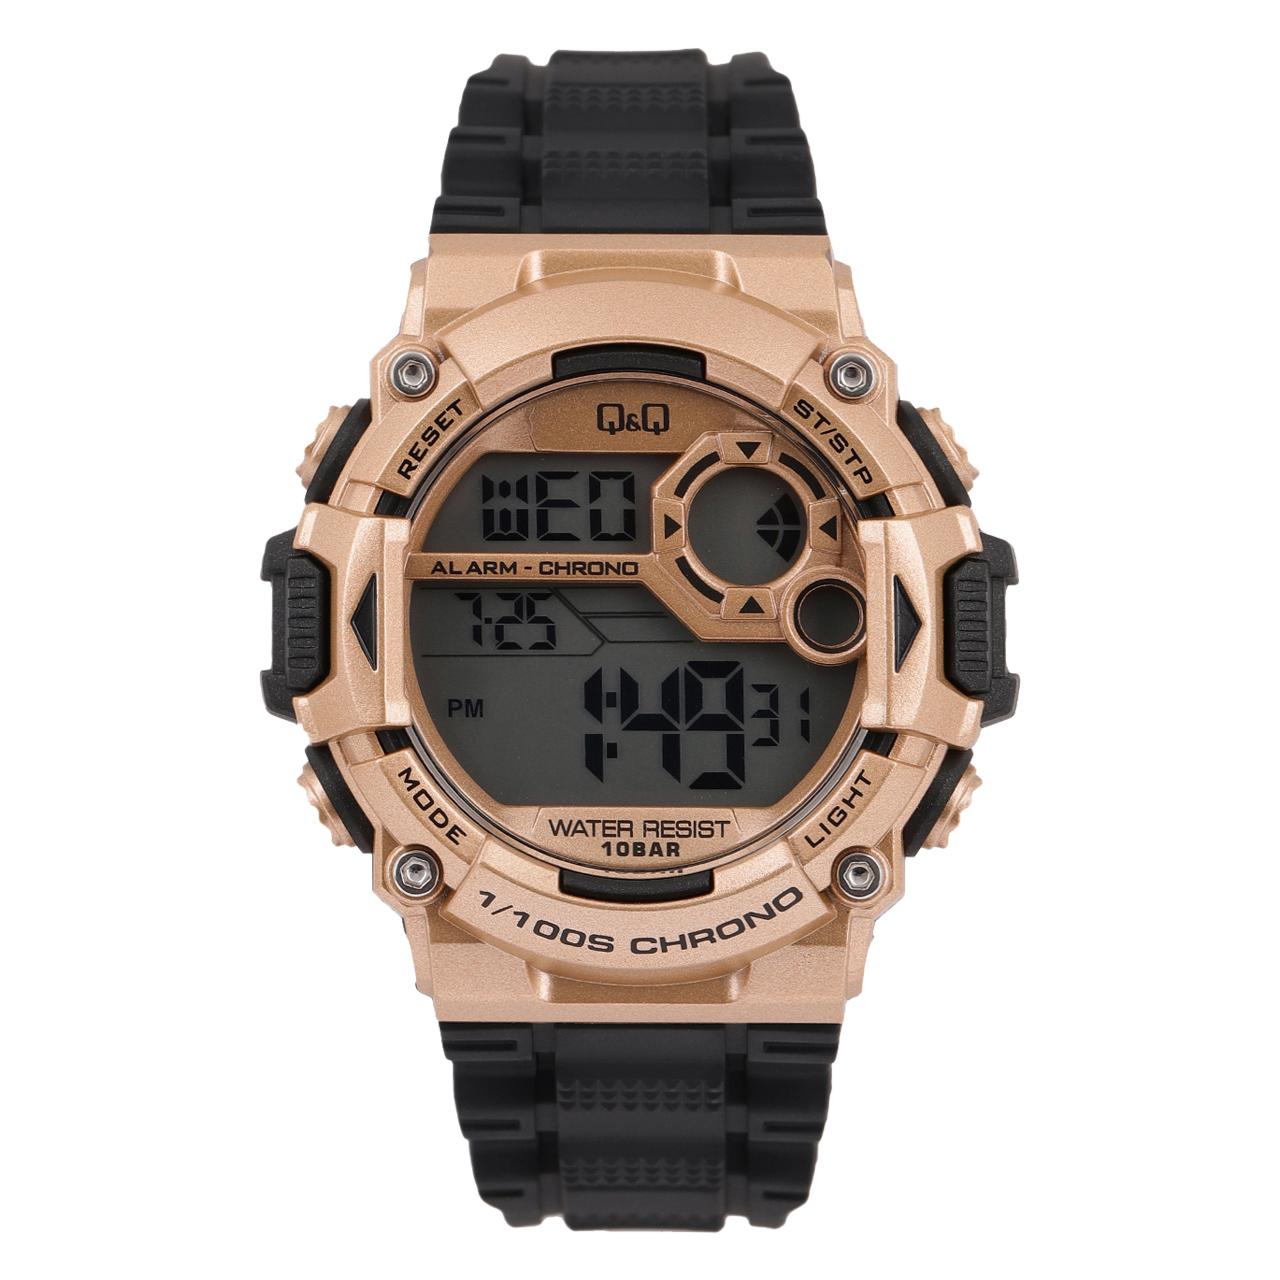 ساعت مچی دیجیتالی کیو اند کیو مدل m146j007y به همراه دستمال مخصوص برند کلین واچ